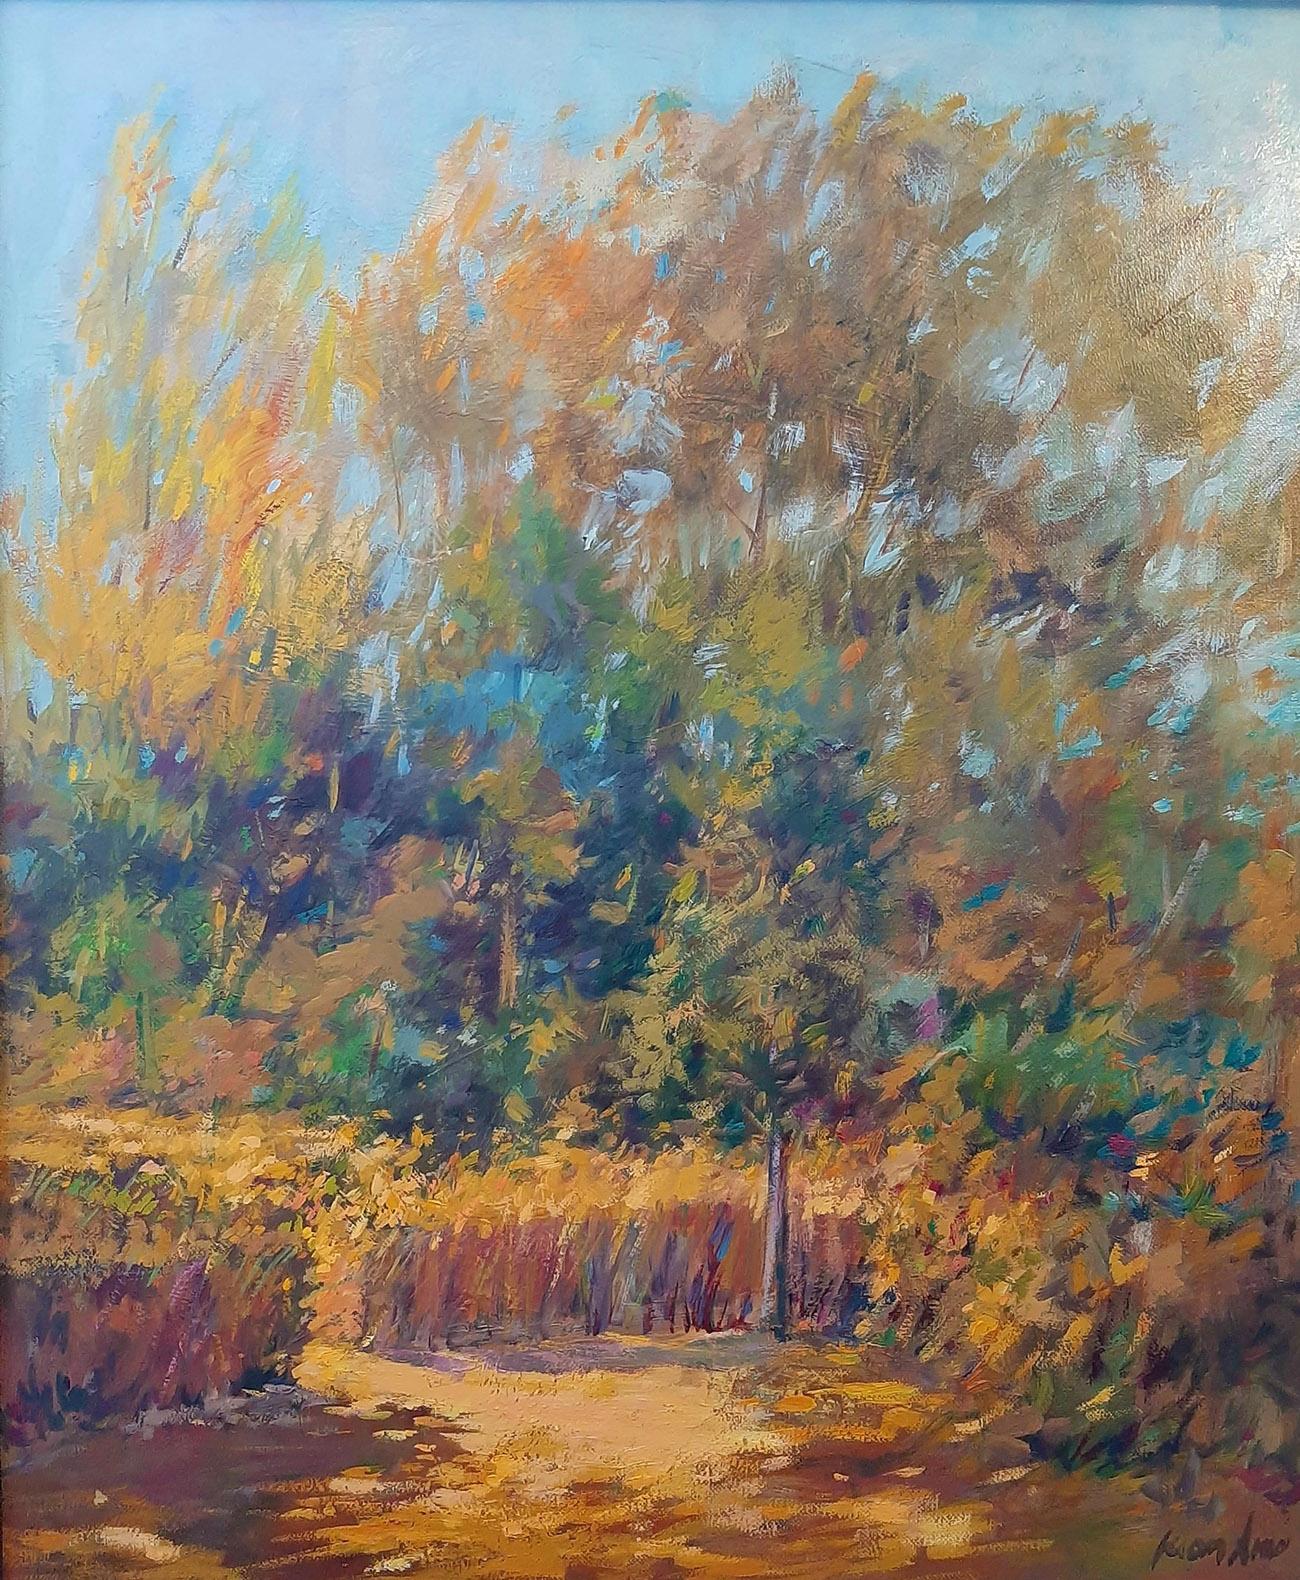 Juan Amo. (2000). Árboles con Luz Propia. 56 x 47. Colección Privada.